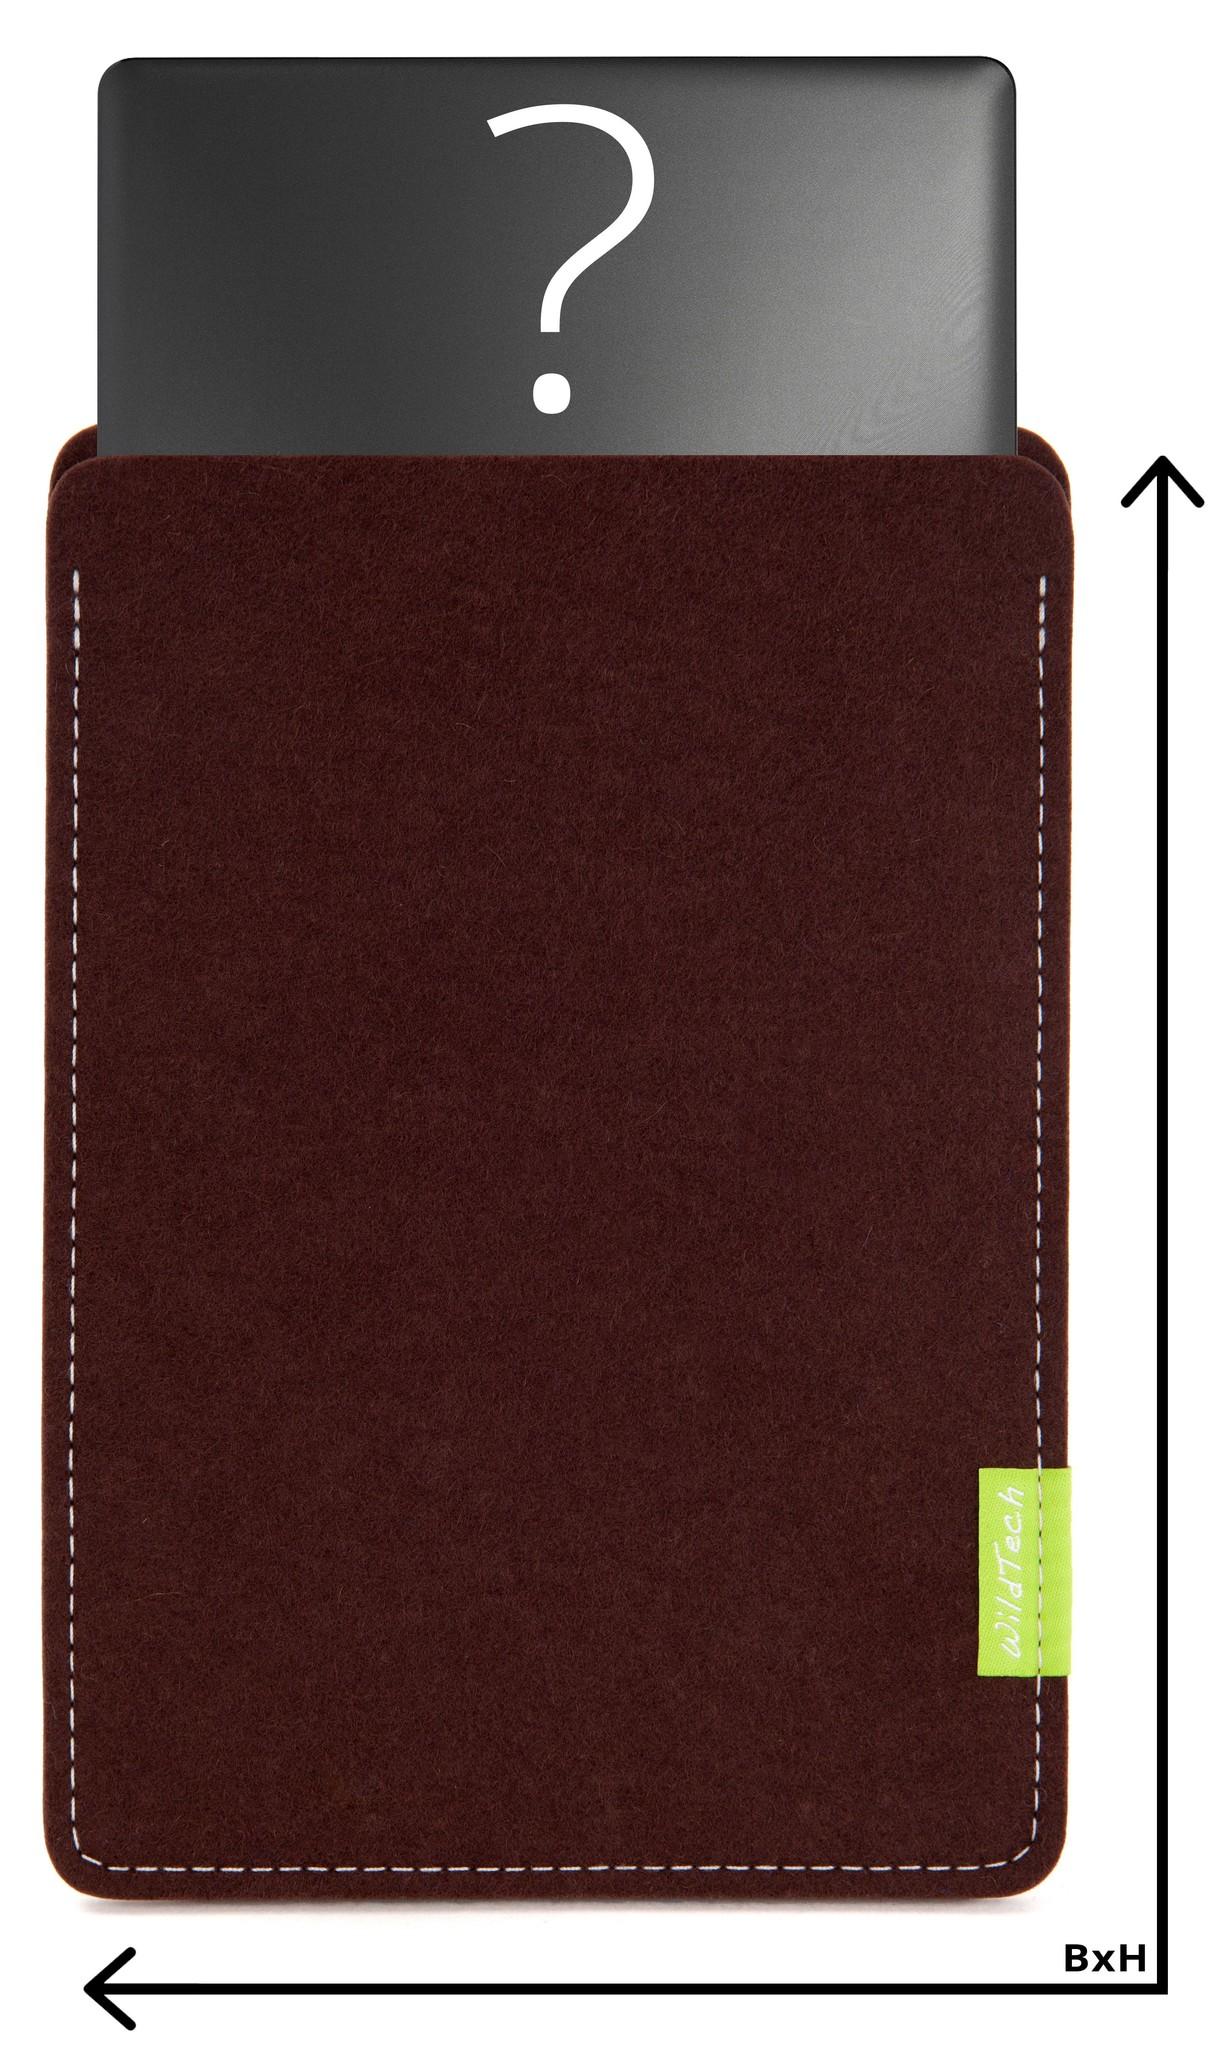 Individuelles Notebook Sleeve Dunkelbraun-1